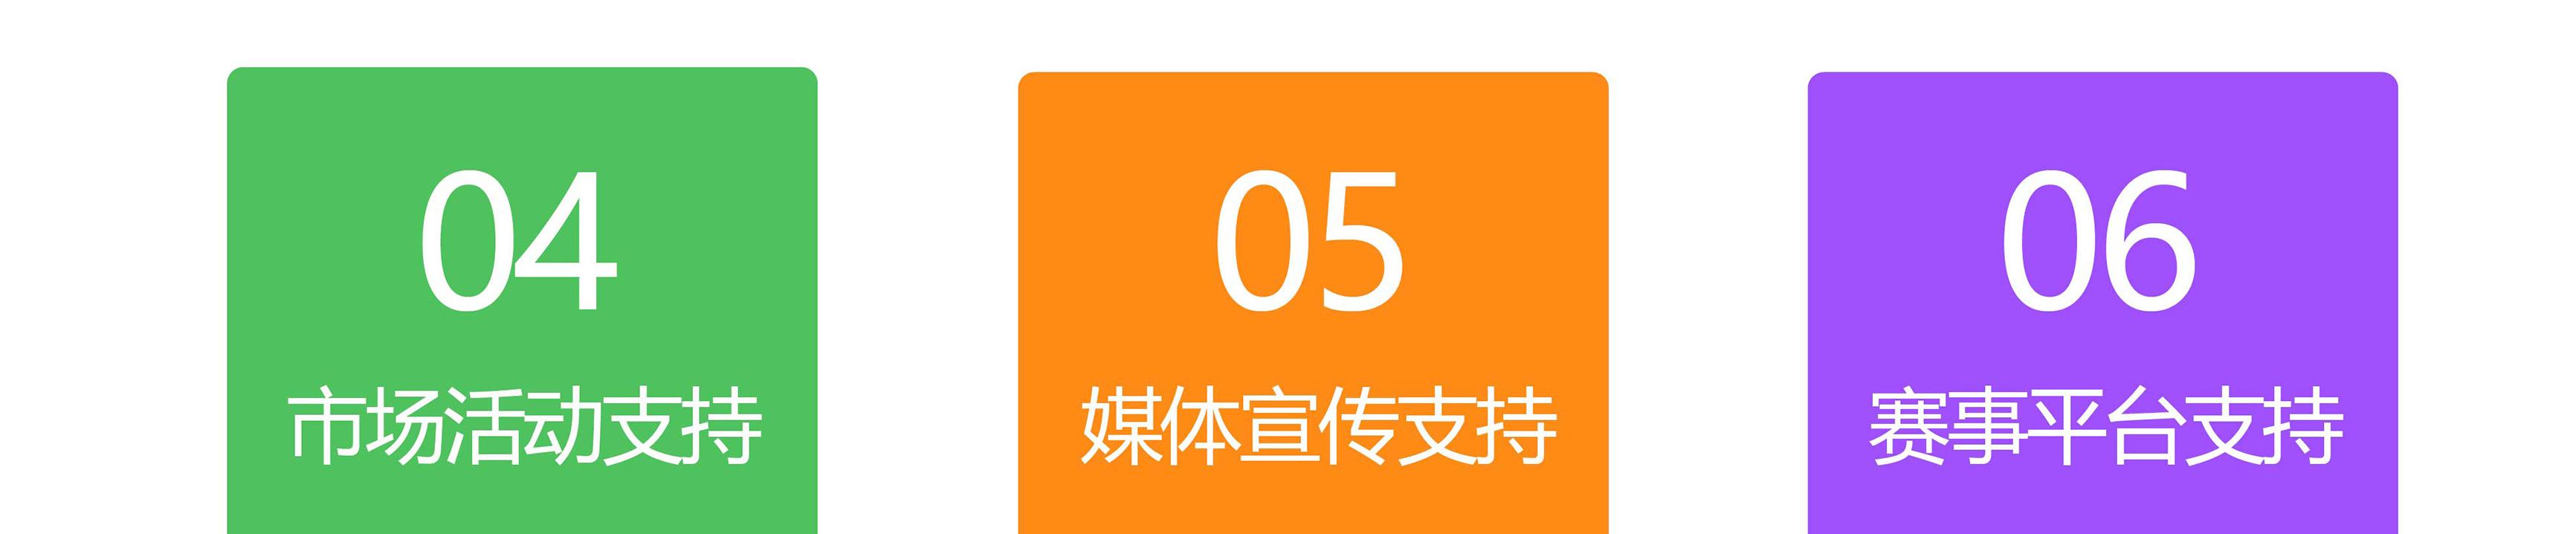 傲小码机器人编程20210818傲小码网站新_40